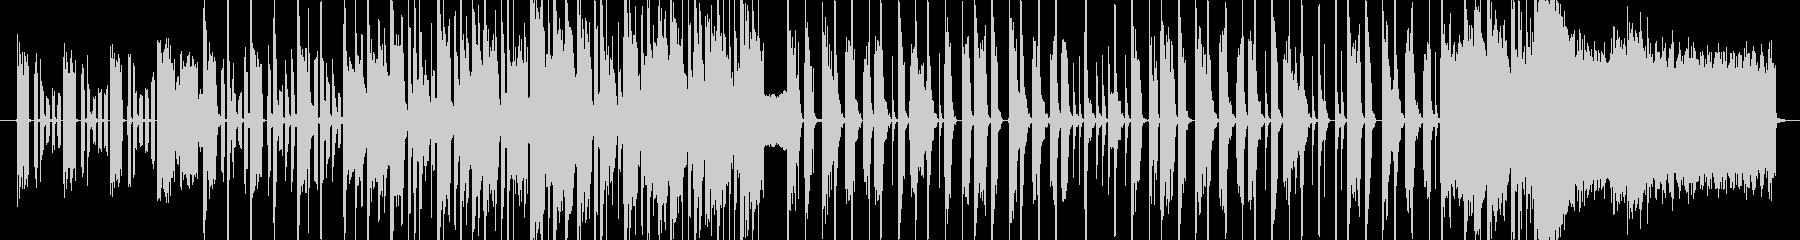 軽快でポップなジングルの未再生の波形